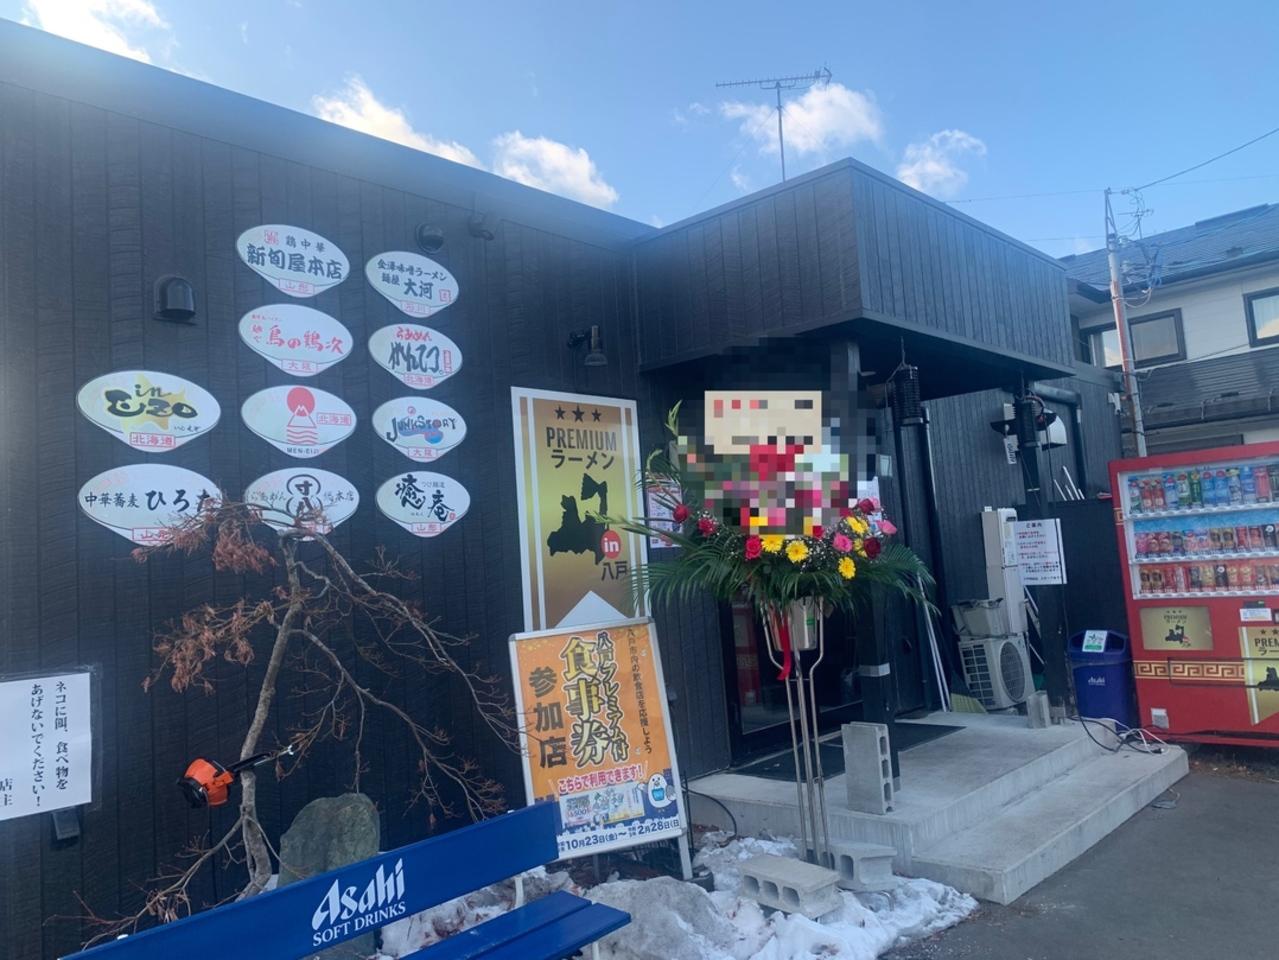 【八戸市】「プレミアムラーメン in 八戸」札幌市 「麺屋 丸鶏庵」がオープンしました!